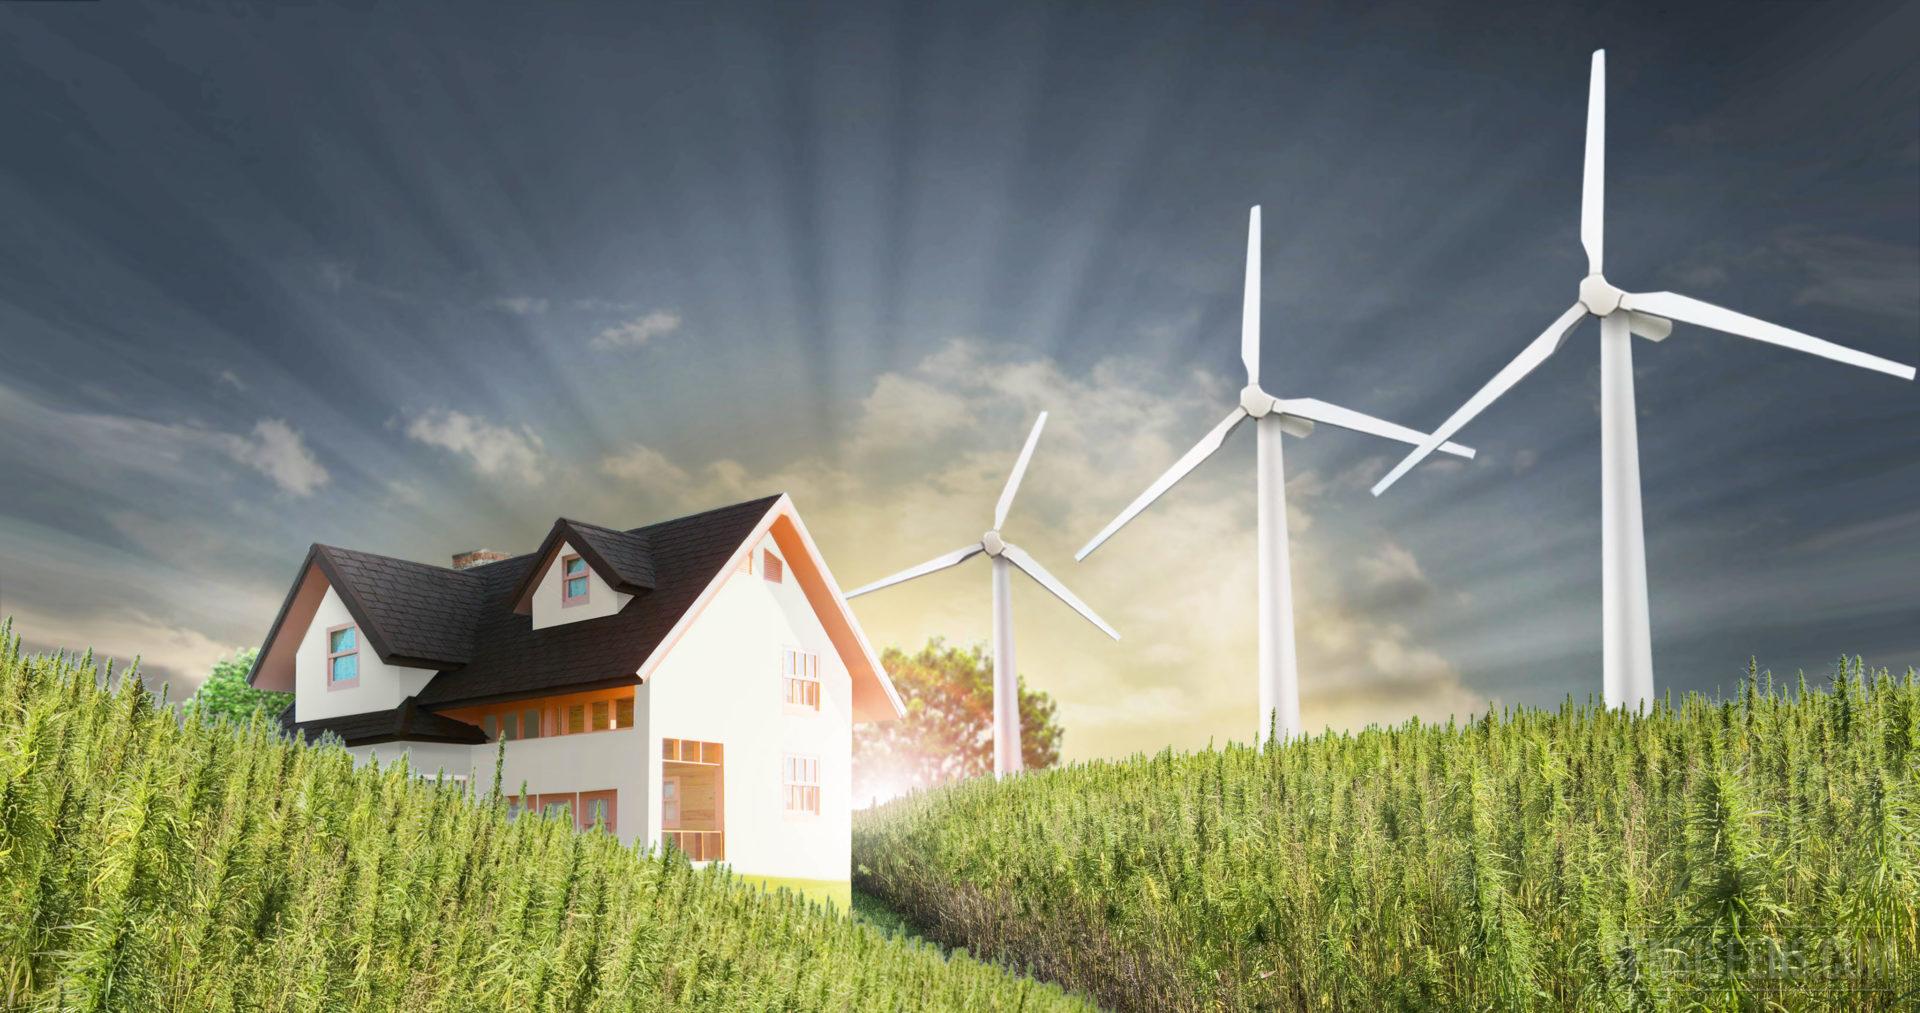 Comment construire une maison de chanvre sensi seeds blog for Batire une maison